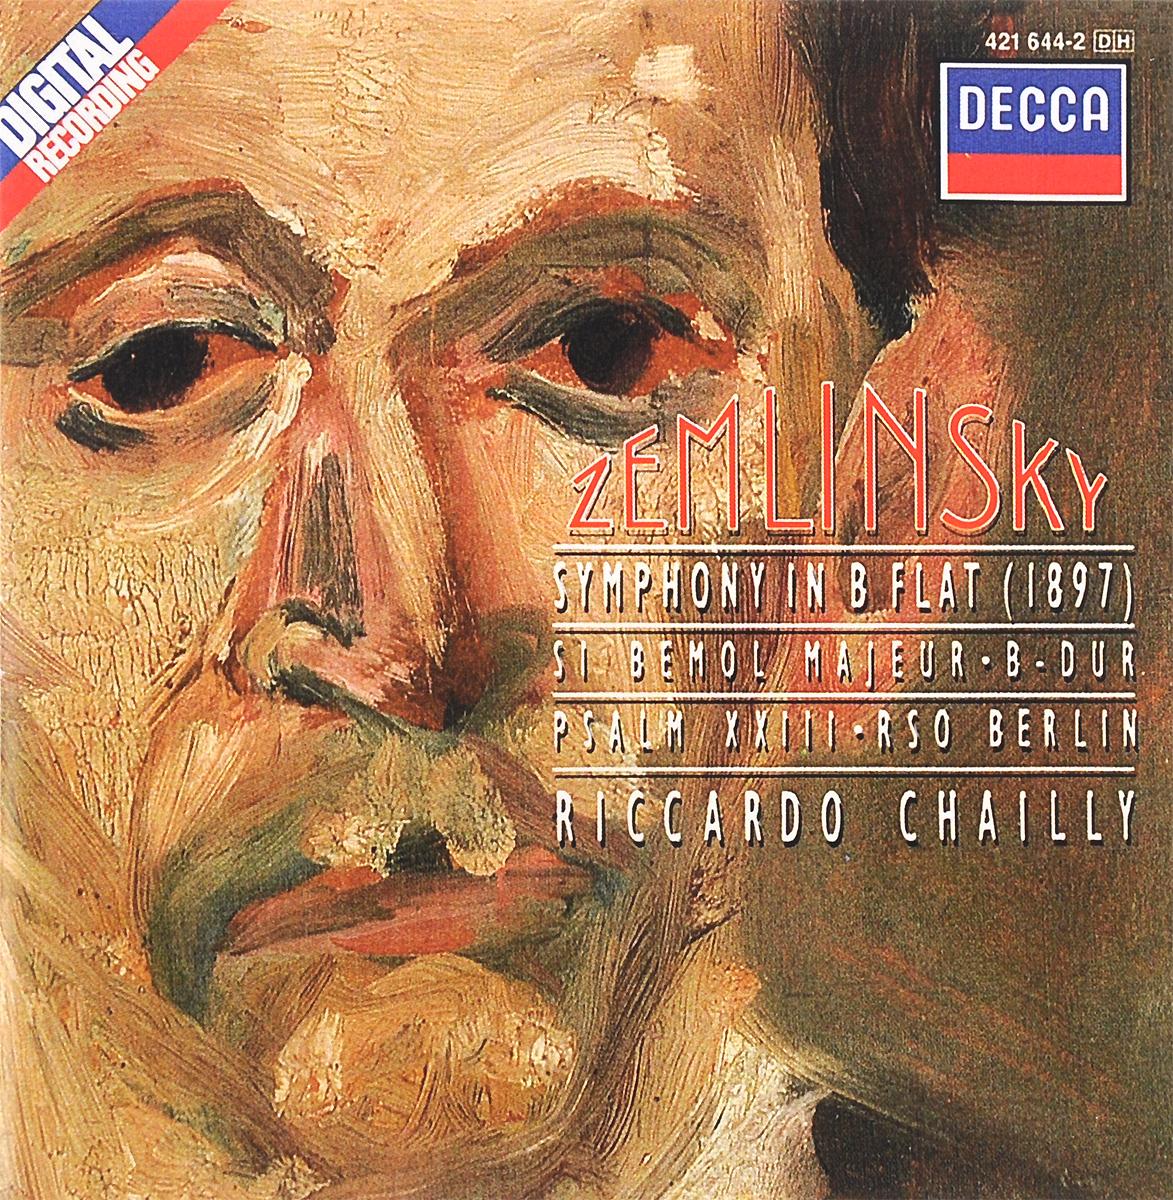 Radio Symphonie Orchester Berlin,Риккардо Шайи Riccardo Chailly. Zemlinsky. Symphony In B Flat / Psalm 23 цена и фото